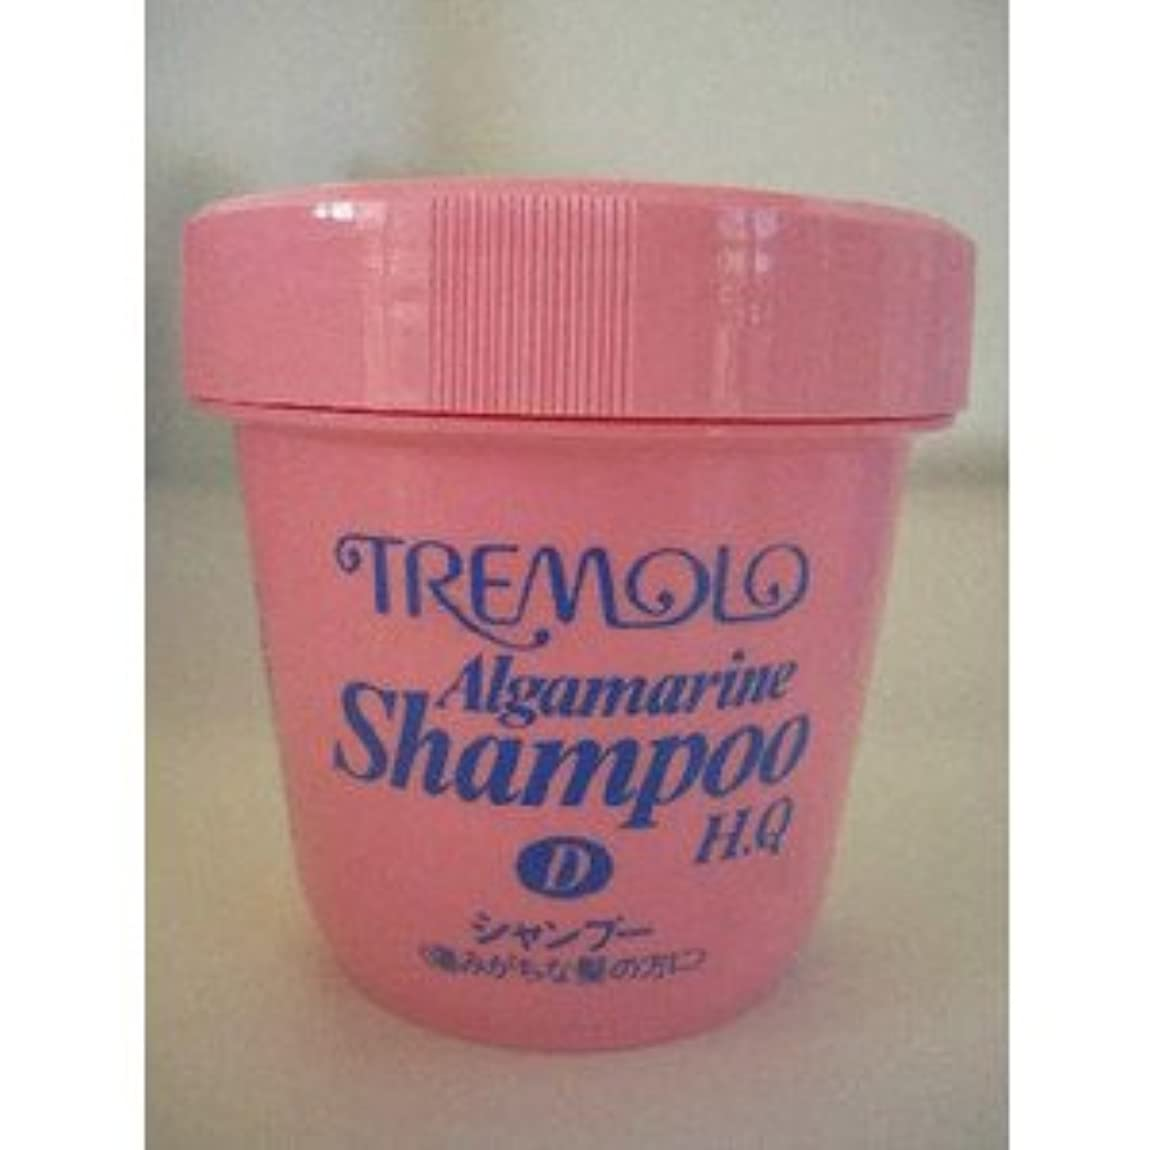 ブリーク世界的に交じるトレモロ アルグマリーン シャンプーQ ドライヘア用 1kg